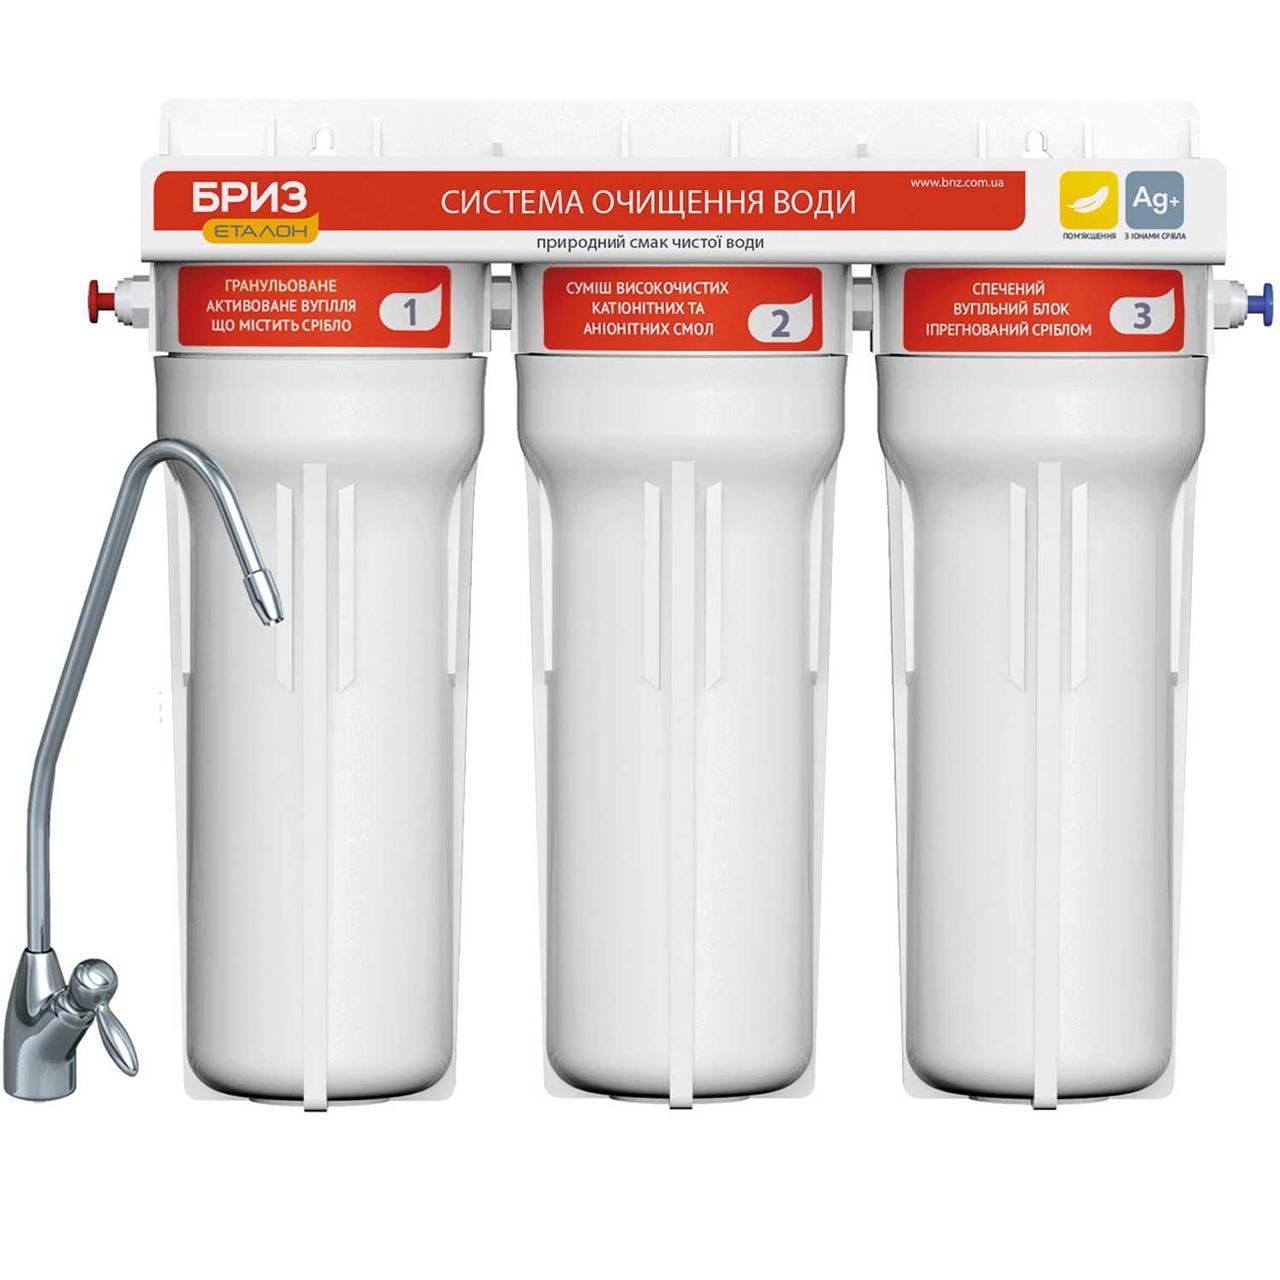 Фильтры для воды Бриз Бытовая система очистки воды Бриз Эталон Стандарт